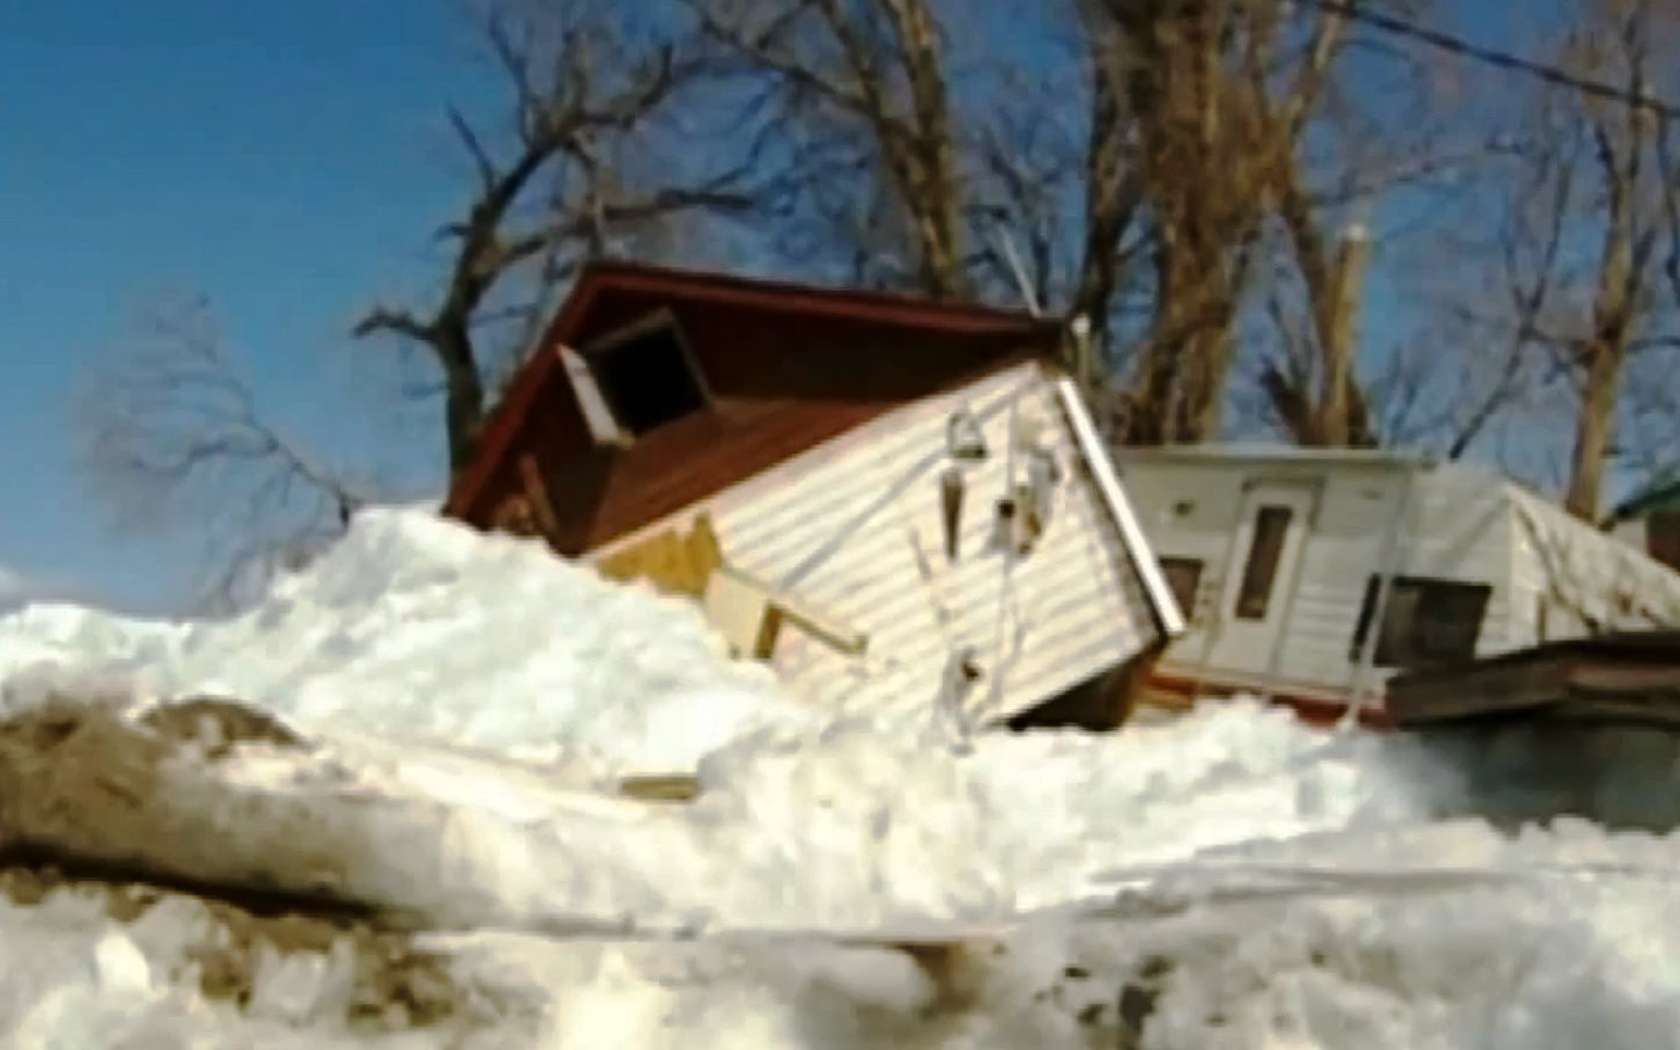 Les maisons détruites par le passage d'une vague de glace sur les rives du lac Dauphin, au Canada. © Rap2dinGuerie, YouTube